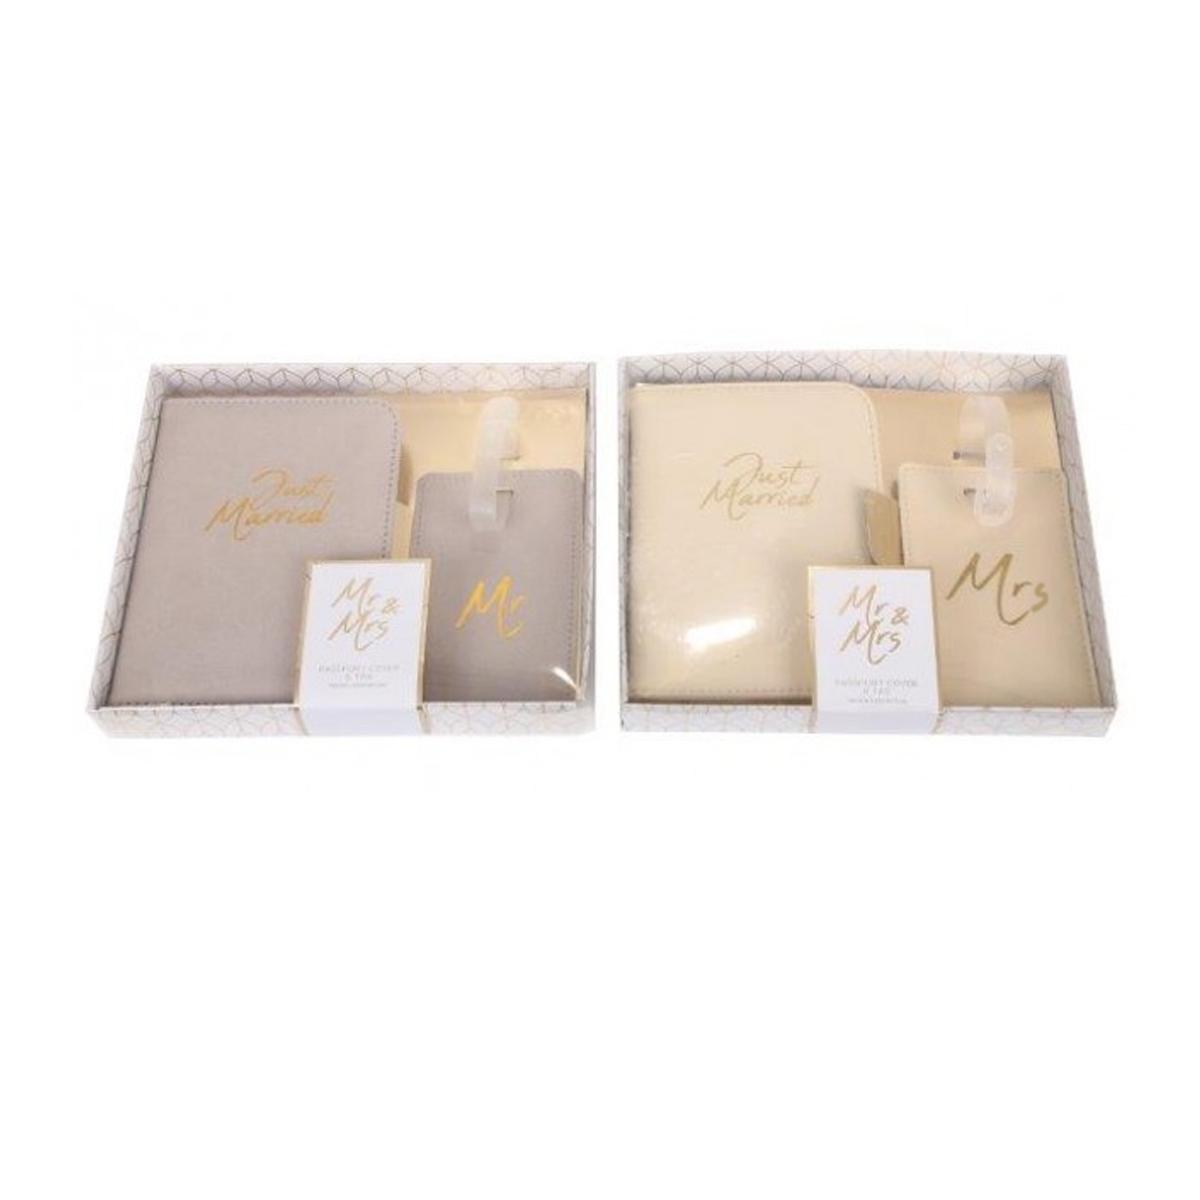 Kit voyage lune de miel \'Mr & Mrs\' gris beige - porte passeports et étiquettes bagages - [A3107]